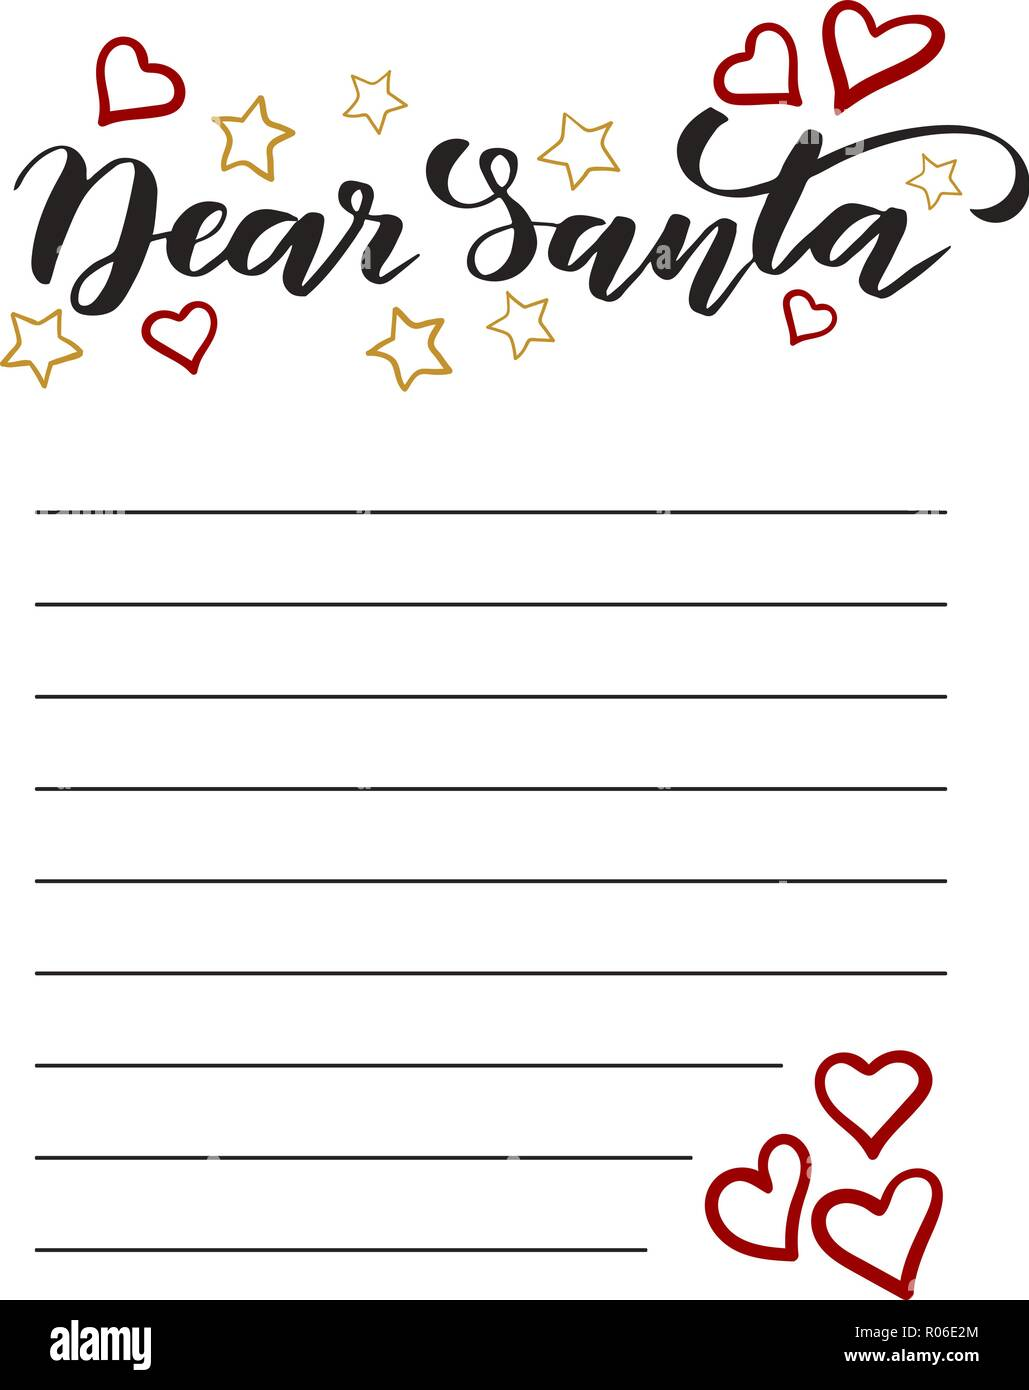 Vorlage Brief An Santa Vektor Abbildung Bild 223877548 Alamy